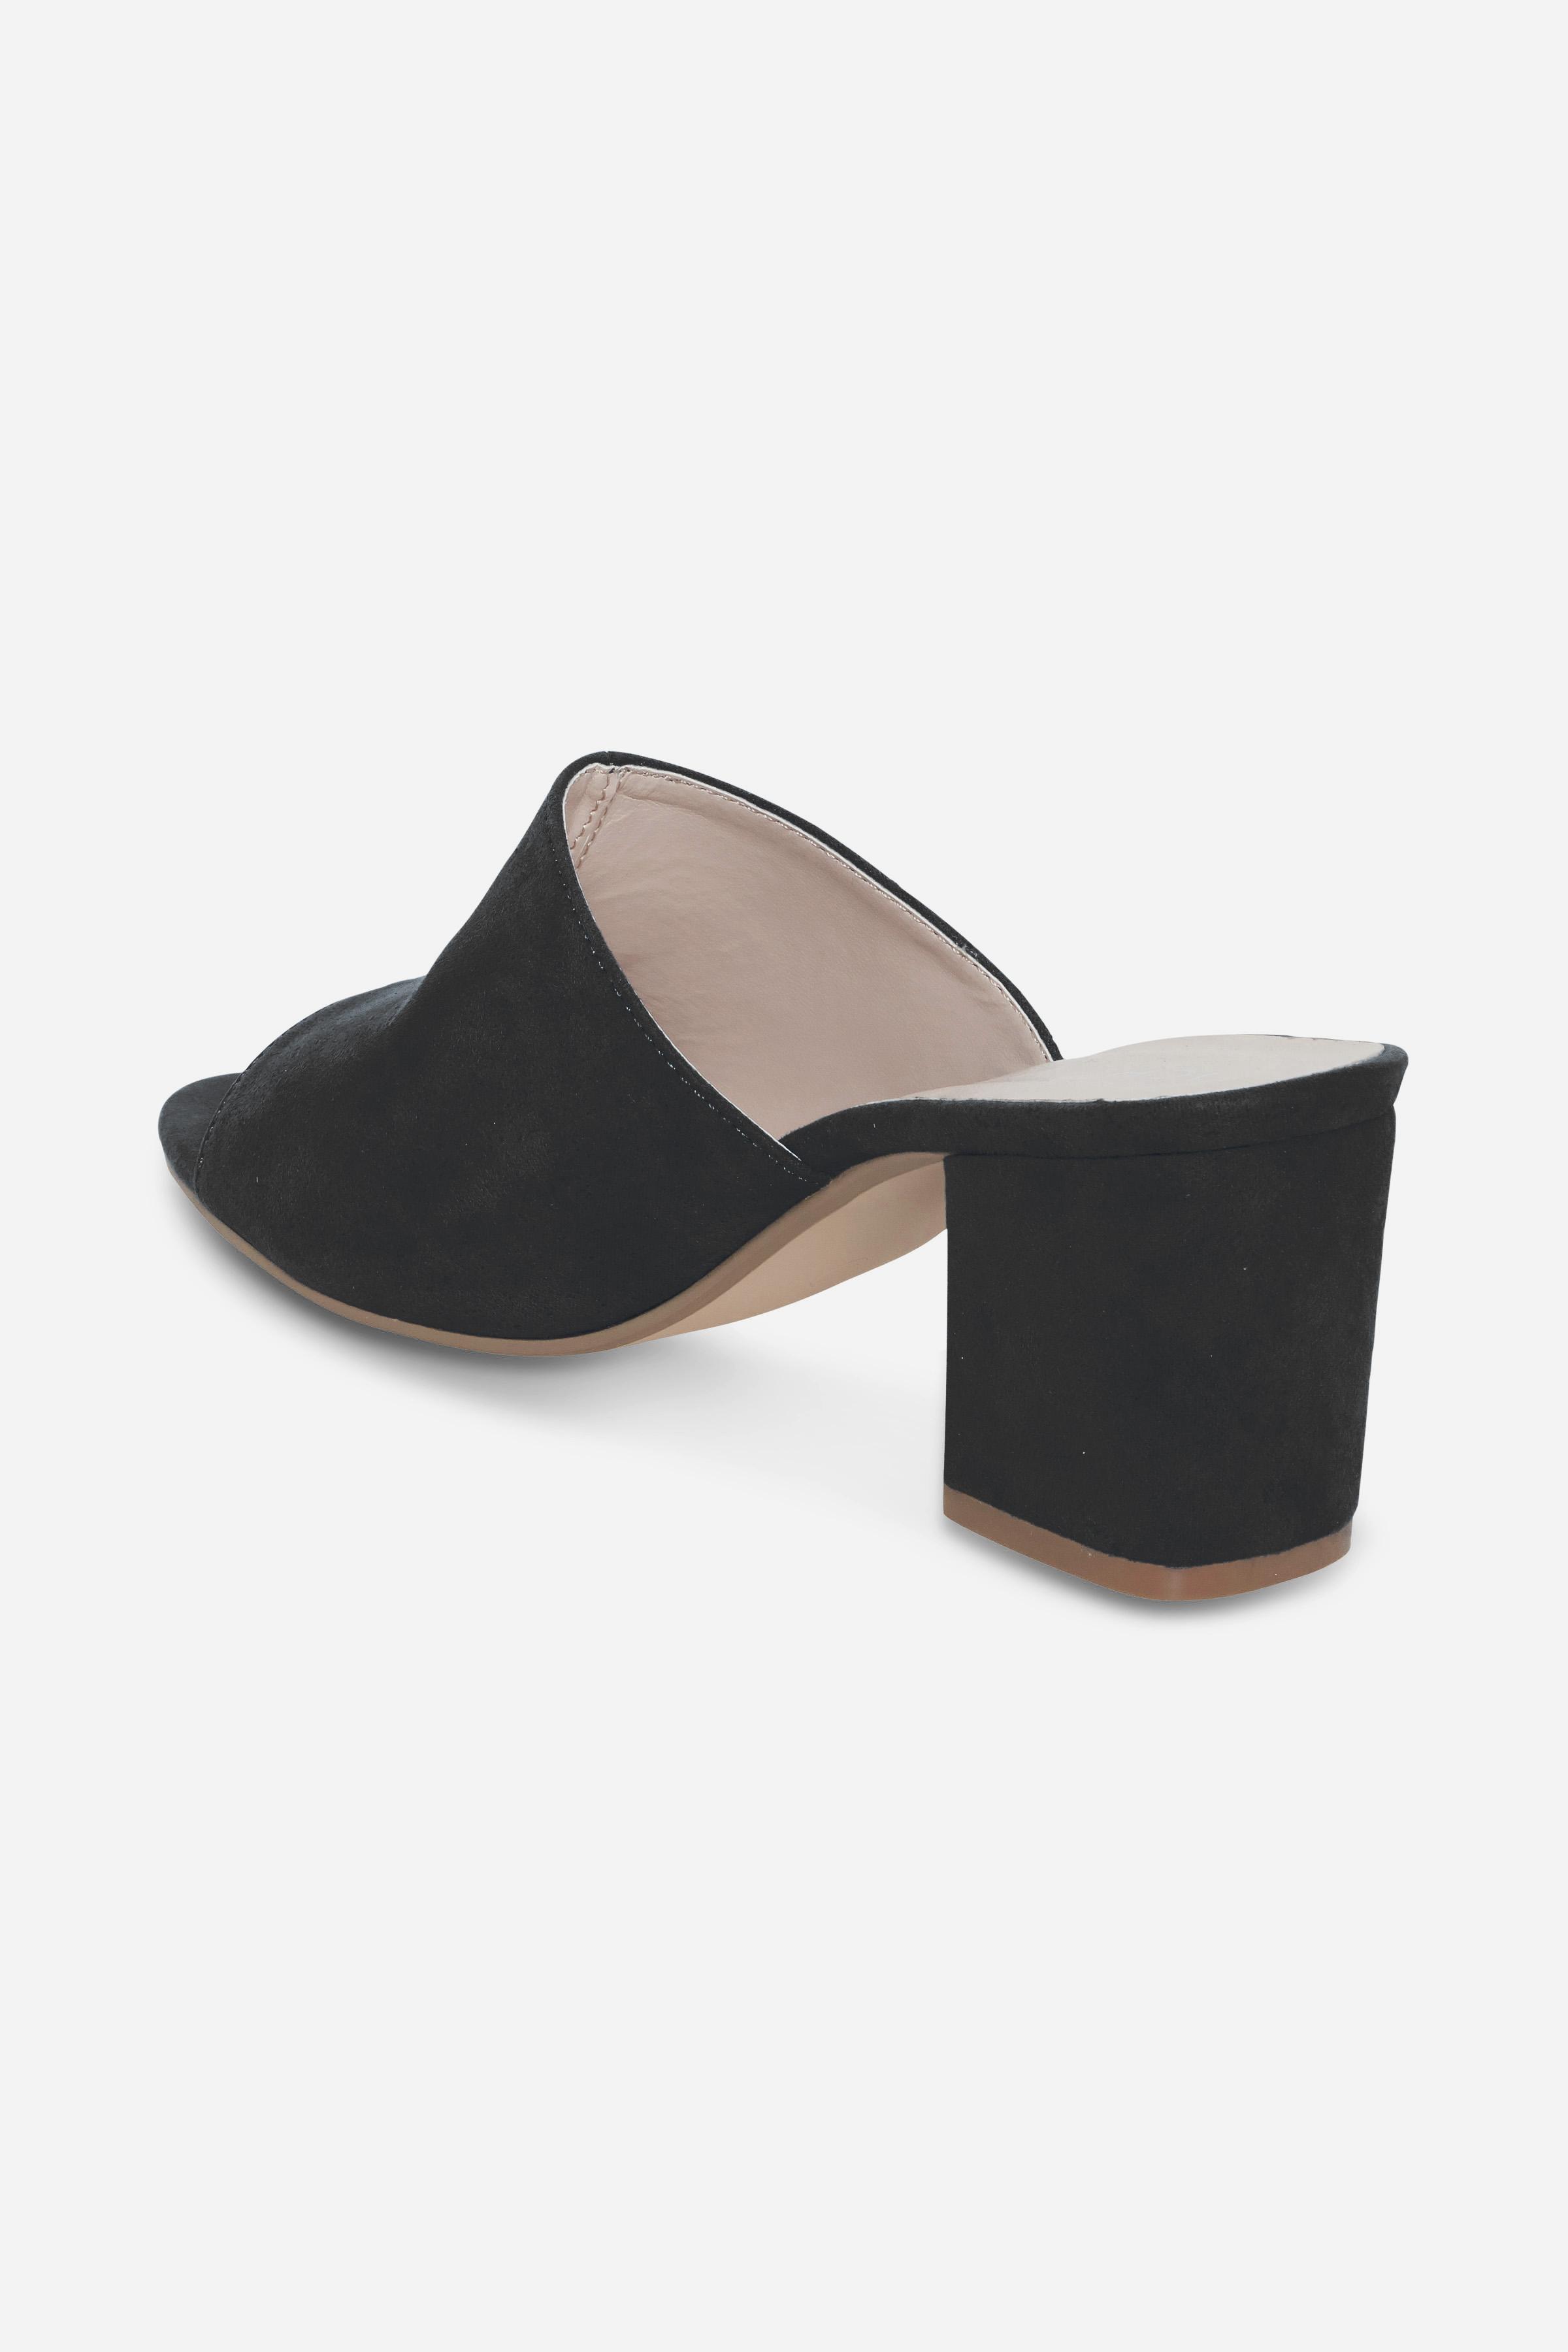 Dimblå Skor från Ichi - accessories – Köp Dimblå Skor från stl. 36-41 här